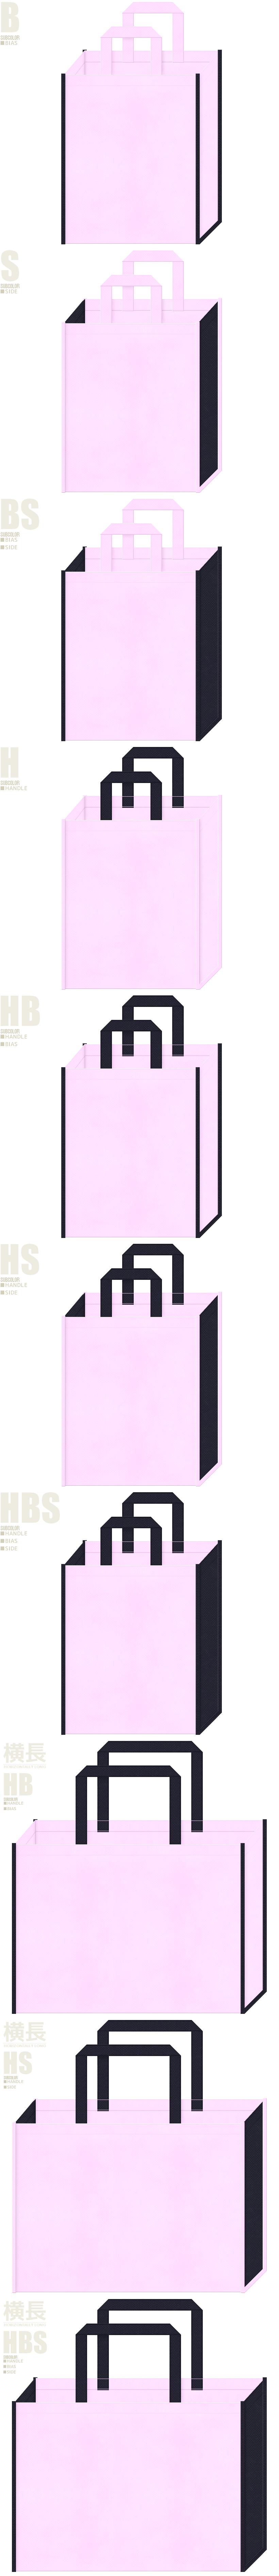 明るめのピンク色と濃紺色、7パターンの不織布トートバッグ配色デザイン例。女子学校・オープンキャンパス用バッグにお奨めです。